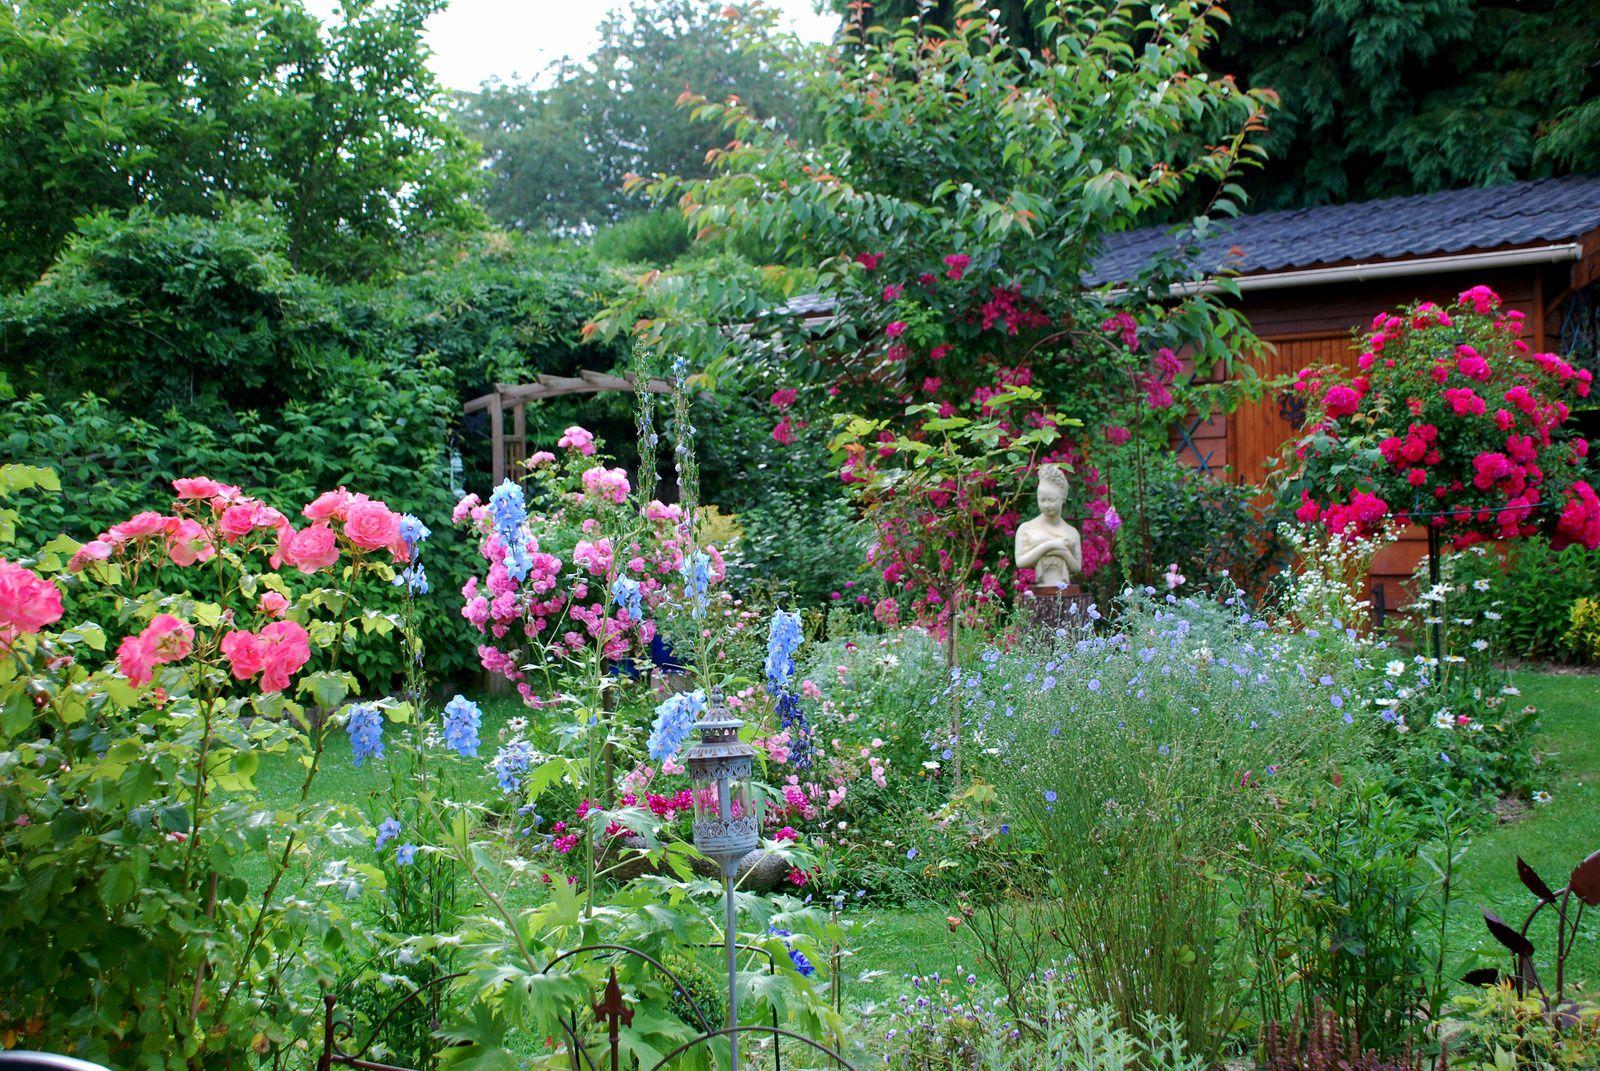 Le petit jardin de saint fiacre petit jardin de saint fiacre for Le petit jardin karaoke